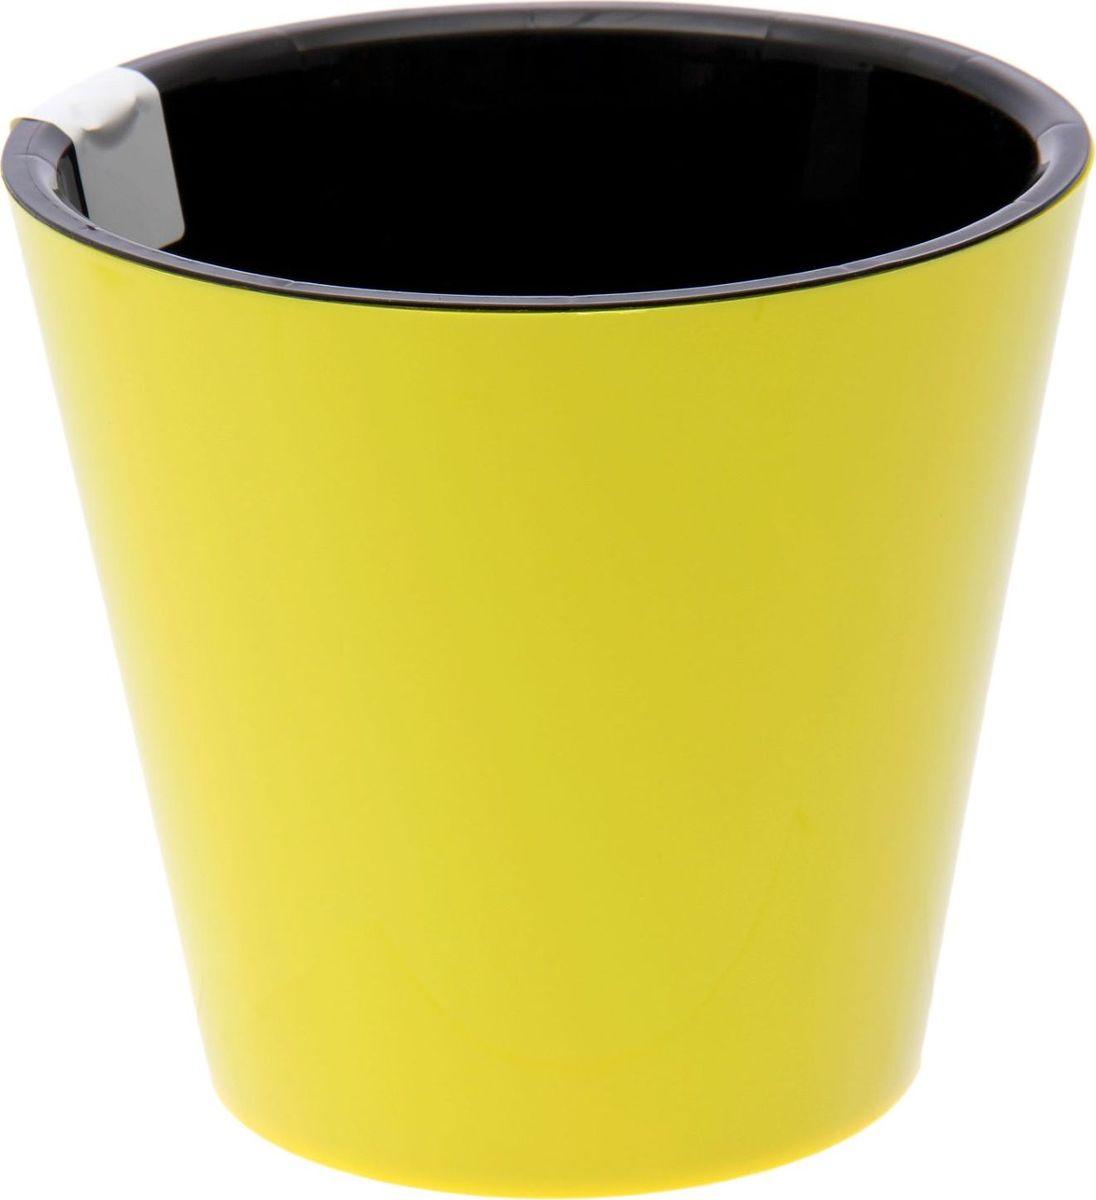 Горшок для цветов Фиджи, цвет: желтый, 1,6 л2372092Любой, даже самый современный и продуманный интерьер будет незавершенным без растений. Они не только очищают воздух и насыщают его кислородом, но и украшают окружающее пространство. Такому полезному члену семьи просто необходим красивый и функциональный дом! Оптимальный выбор материала — пластмасса! Почему мы так считаем? Малый вес. С легкостью переносите горшки и кашпо с места на место, ставьте их на столики или полки, не беспокоясь о нагрузке. Простота ухода. Кашпо не нуждается в специальных условиях хранения. Его легко чистить — достаточно просто сполоснуть теплой водой. Никаких потертостей. Такие кашпо не царапают и не загрязняют поверхности, на которых стоят. Пластик дольше хранит влагу, а значит, растение реже нуждается в поливе. Пластмасса не пропускает воздух — корневой системе растения не грозят резкие перепады температур. Огромный выбор форм, декора и расцветок — вы без труда найдете что-то, что идеально впишется в уже существующий интерьер. Соблюдая нехитрые правила ухода, вы можете заметно продлить срок службы горшков и кашпо из пластика: всегда учитывайте размер кроны и корневой системы (при разрастании большое растение способно повредить маленький горшок) берегите изделие от воздействия прямых солнечных лучей, чтобы горшки не выцветали держите кашпо из пластика подальше от нагревающихся поверхностей. Создавайте прекрасные цветочные композиции, выращивайте рассаду или необычные растения.